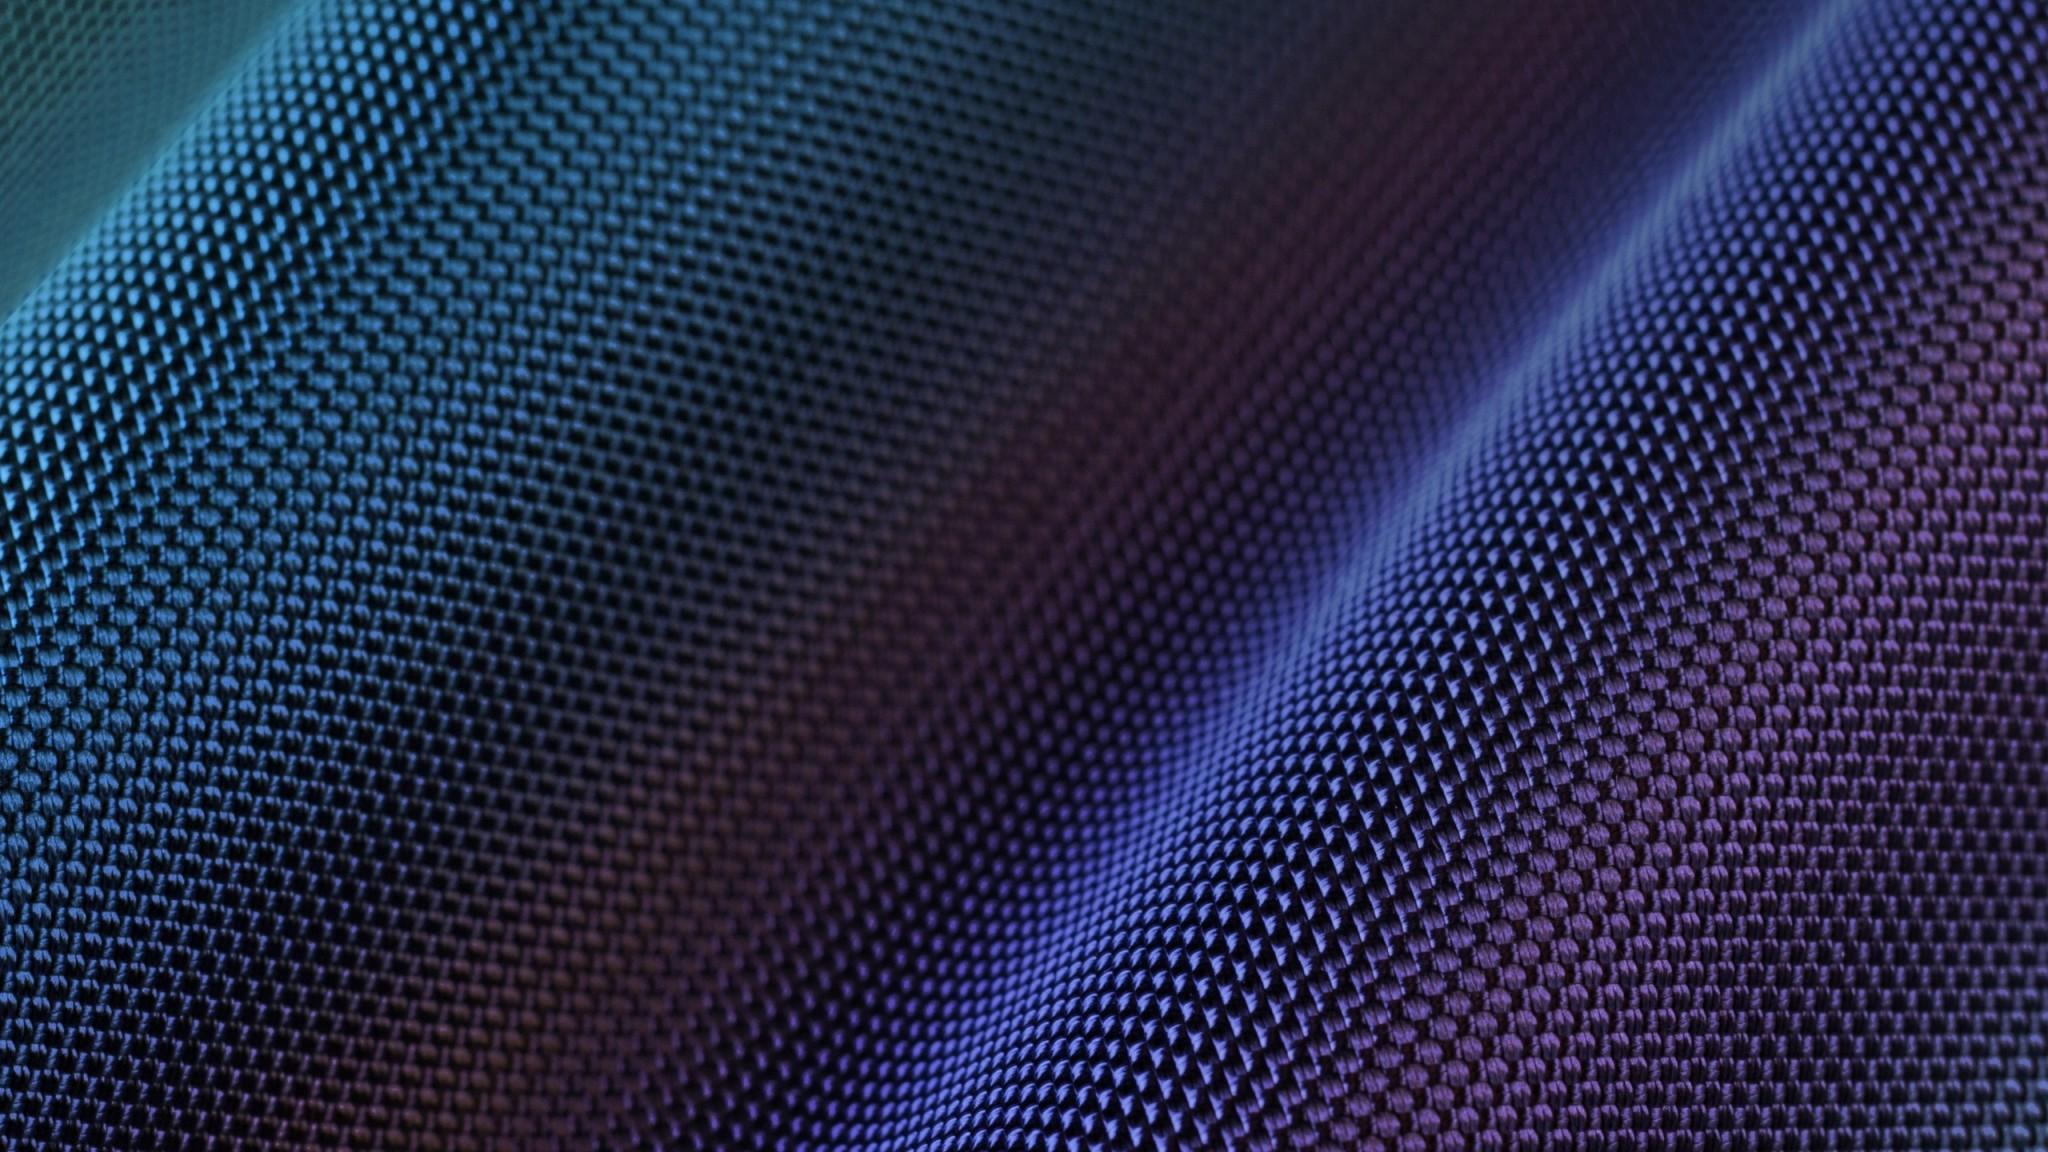 Carbon Fiber Wallpaper 1920x1080 73 Images